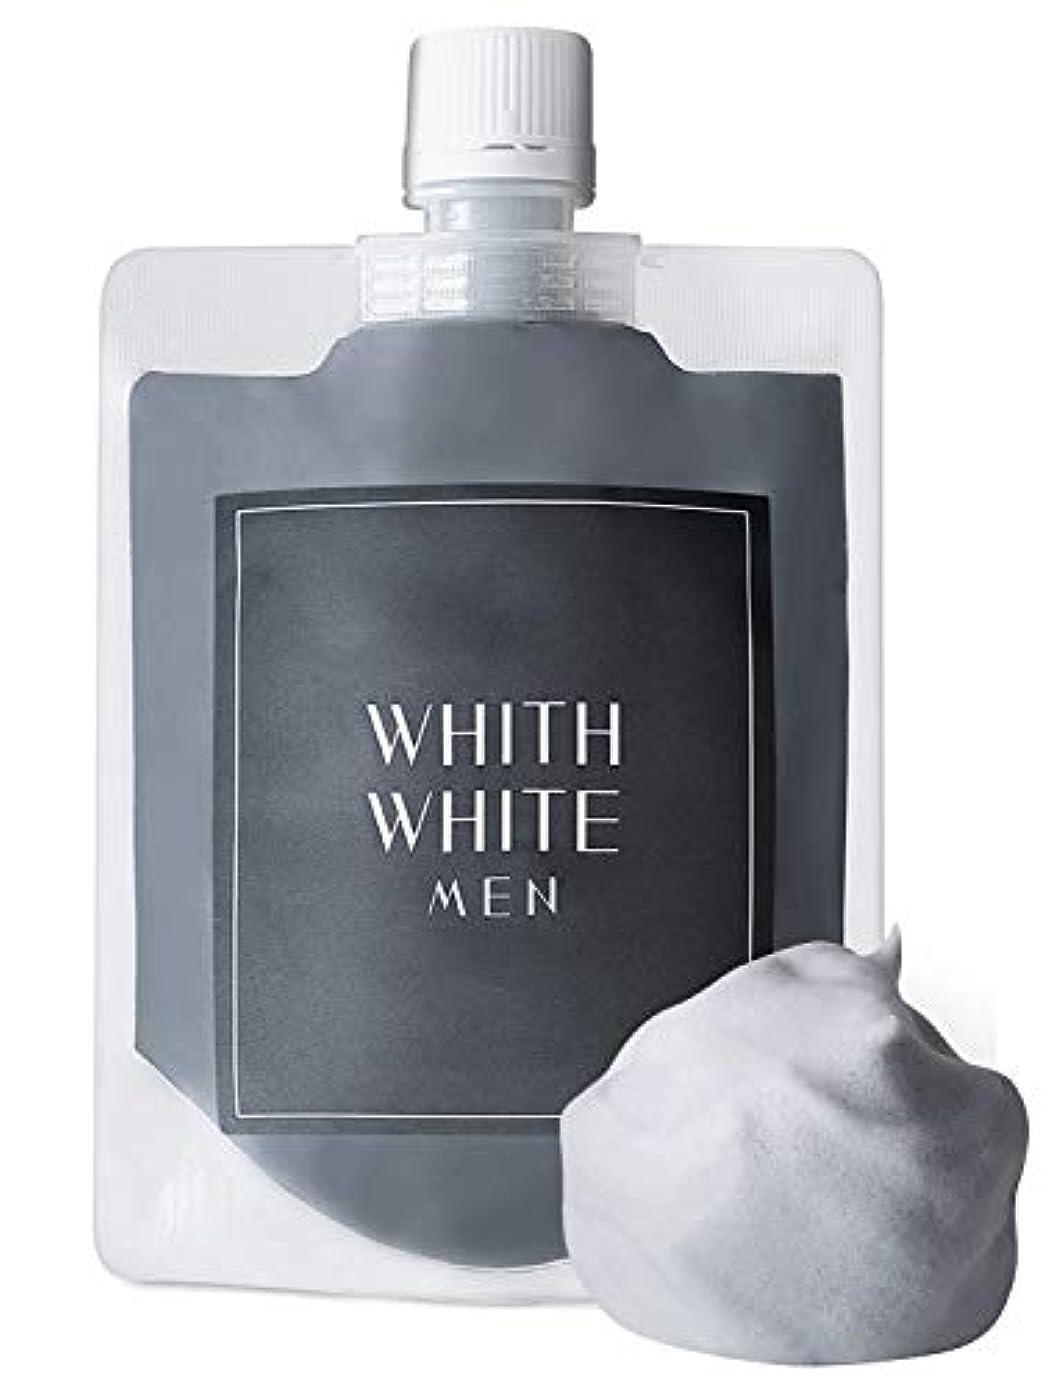 過激派確執インタビューフィス ホワイト メンズ 泥 洗顔 ネット 付き 8つの 無添加 洗顔フォーム (炭 泡 クレイ で 顔 汚れ を 落とす) (日本製 洗顔料 130g リッチ セット)(どろ で 毛穴 を ごっそり 除去)